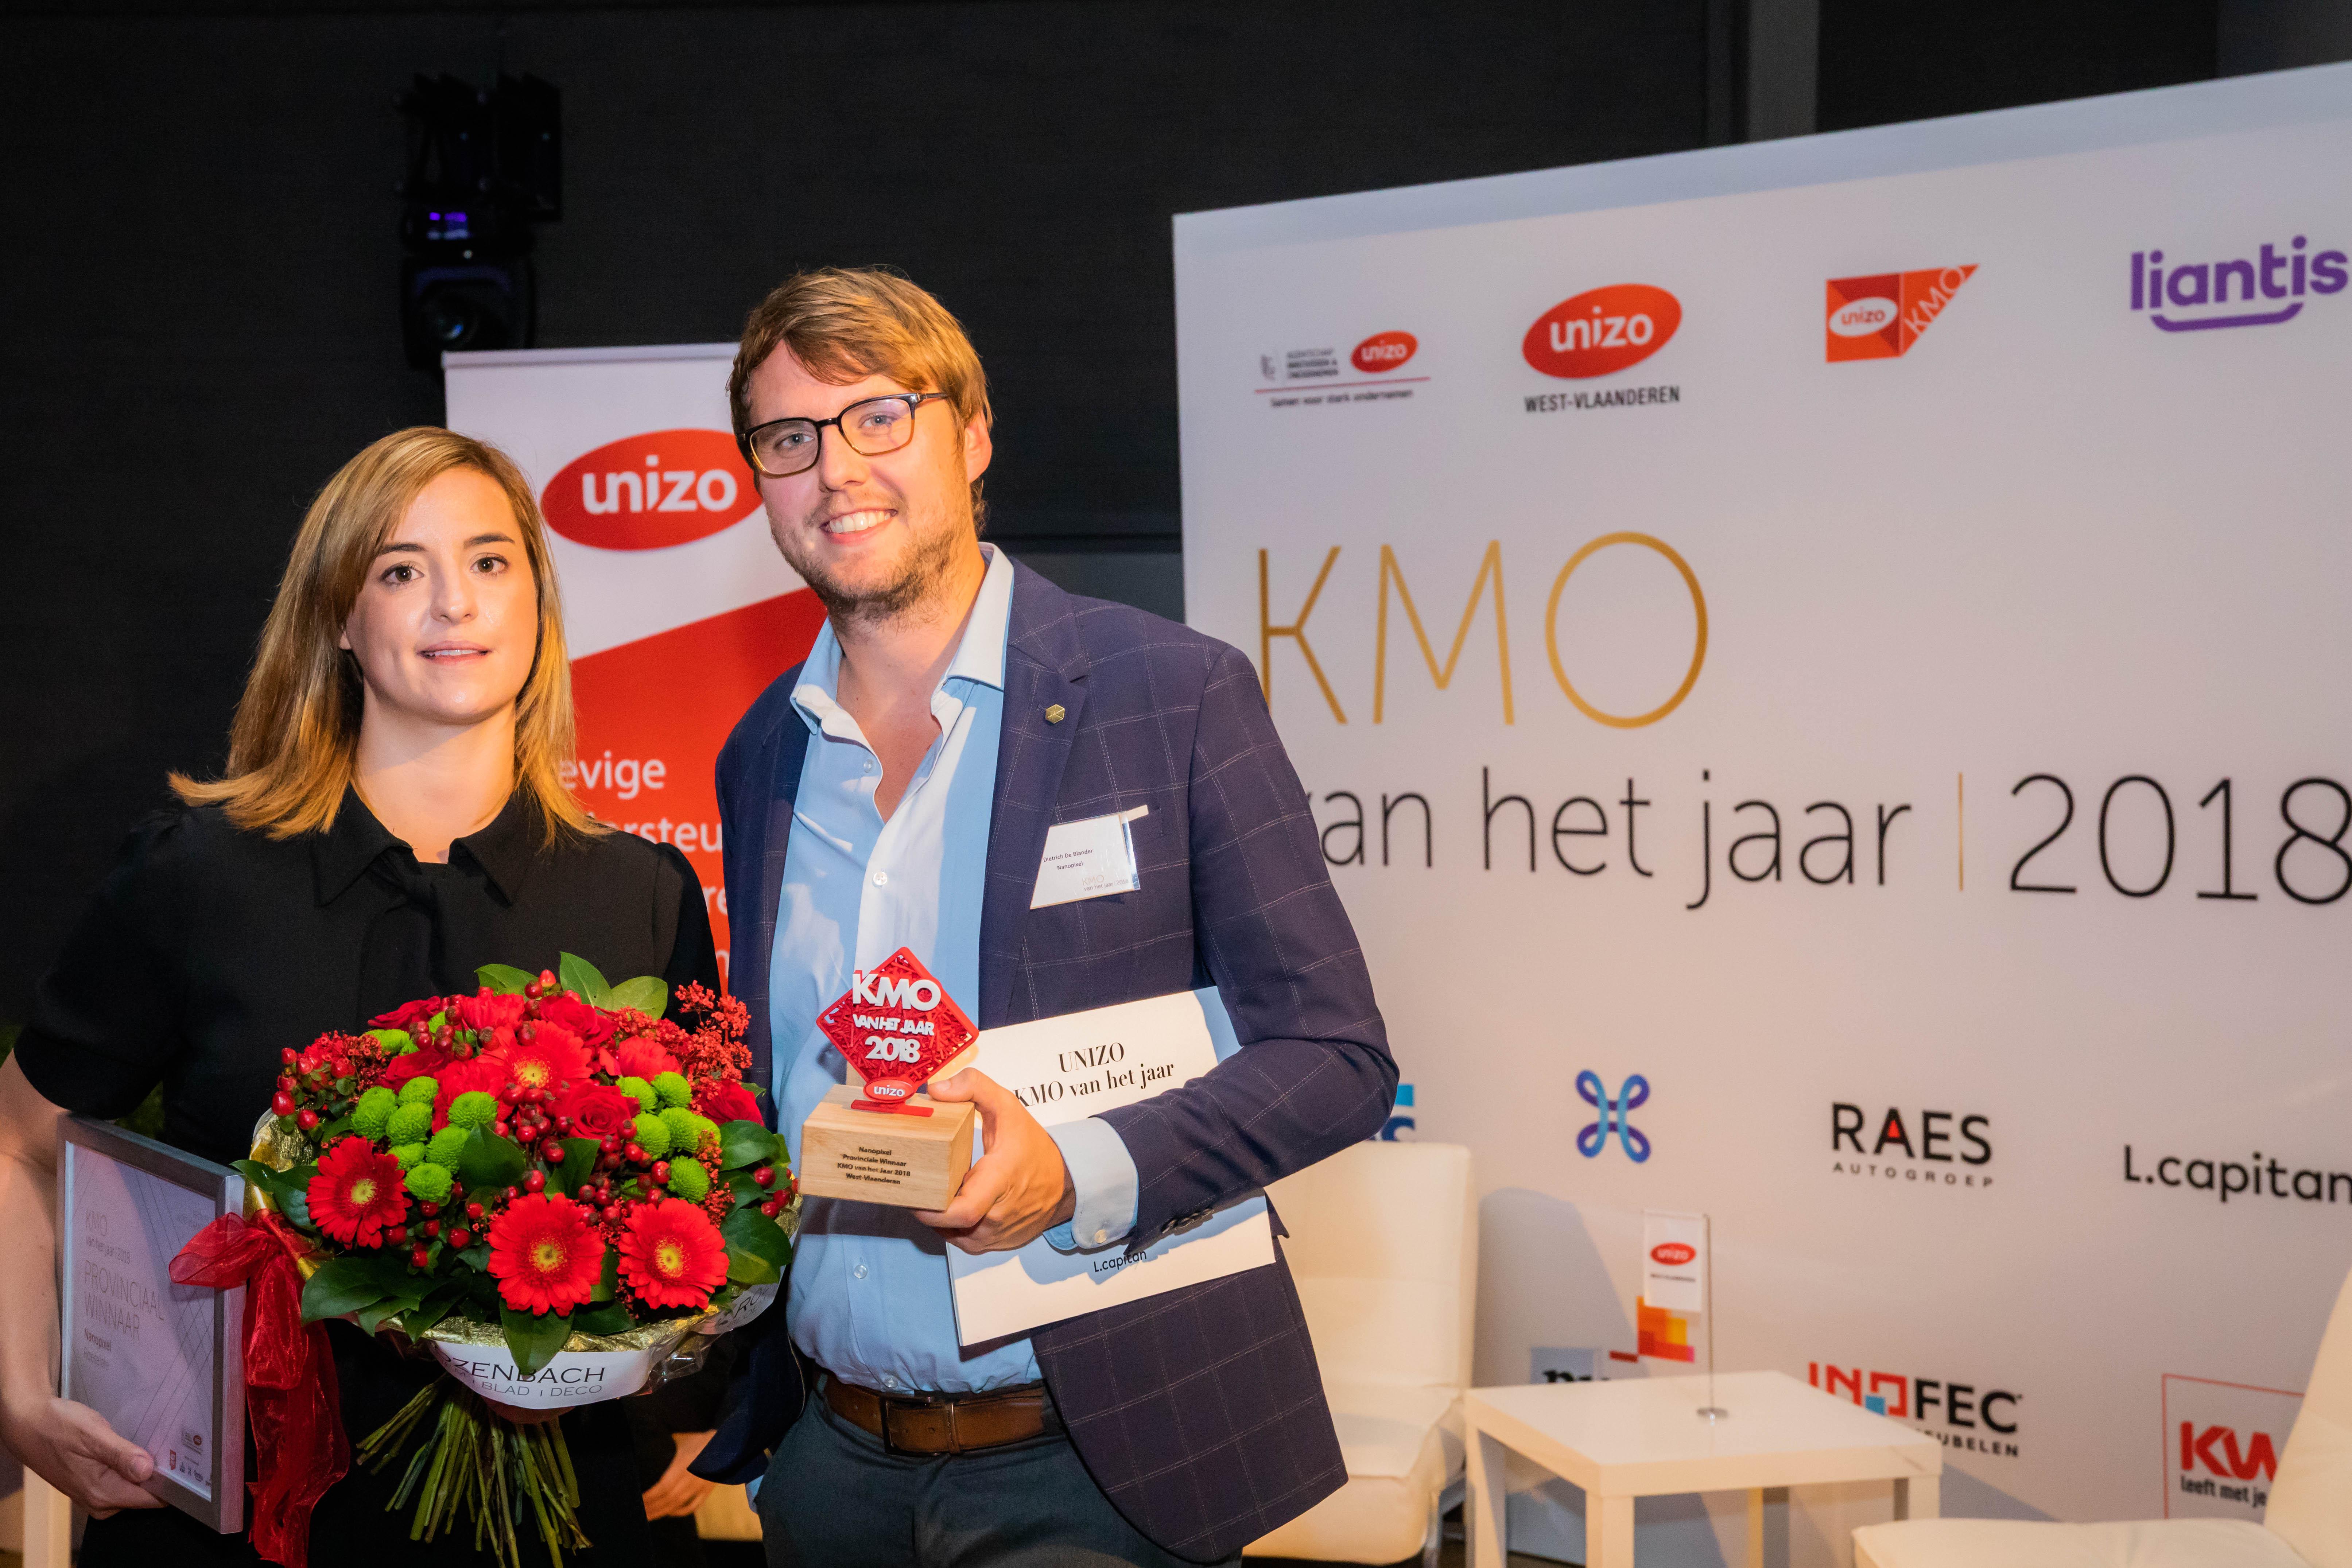 Nanopixel Is Kmo Van Het Jaar In West Vlaanderen All Colors Of Communication